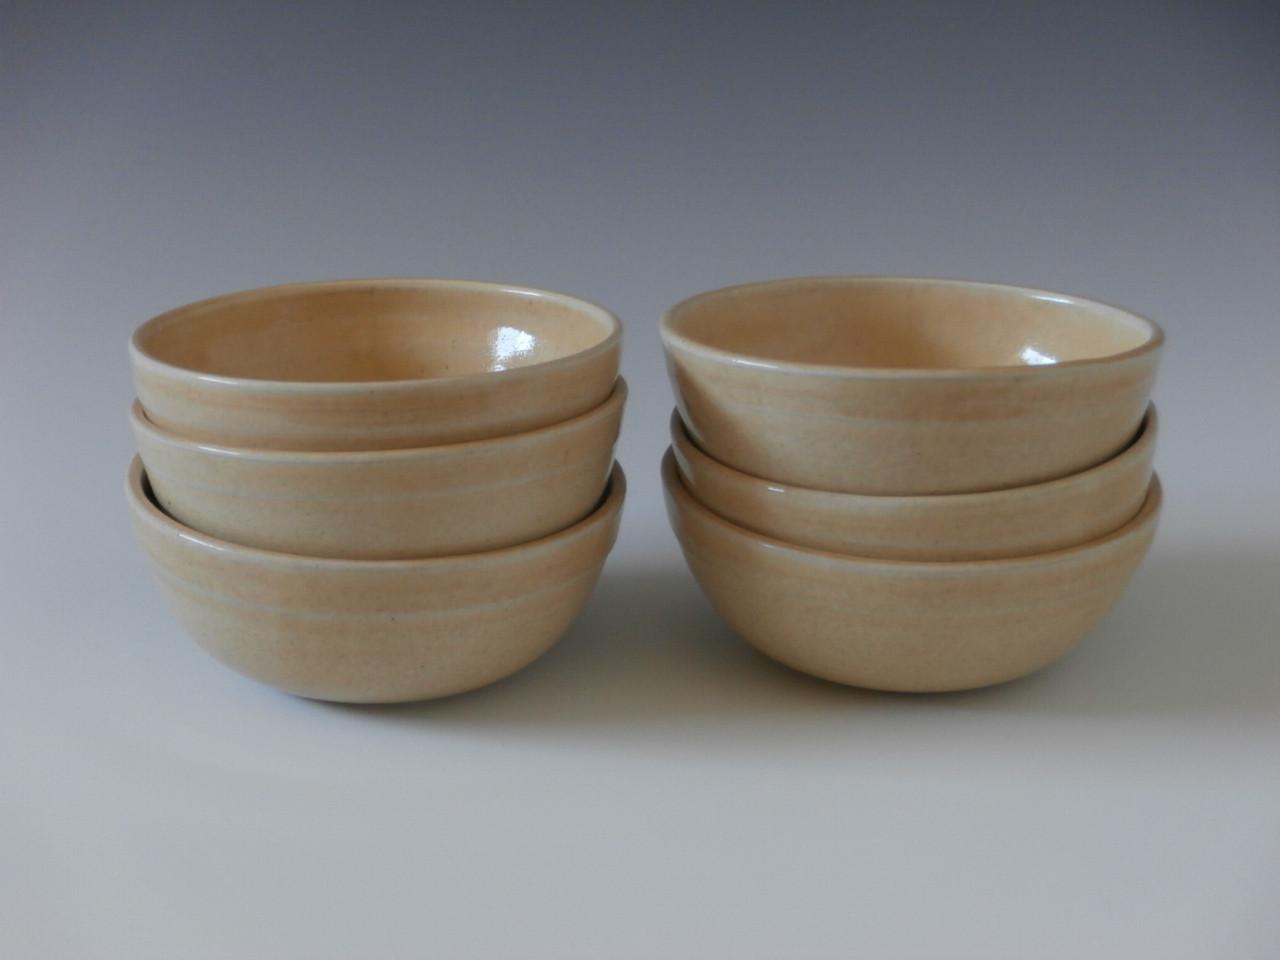 set of oatmeal bowls